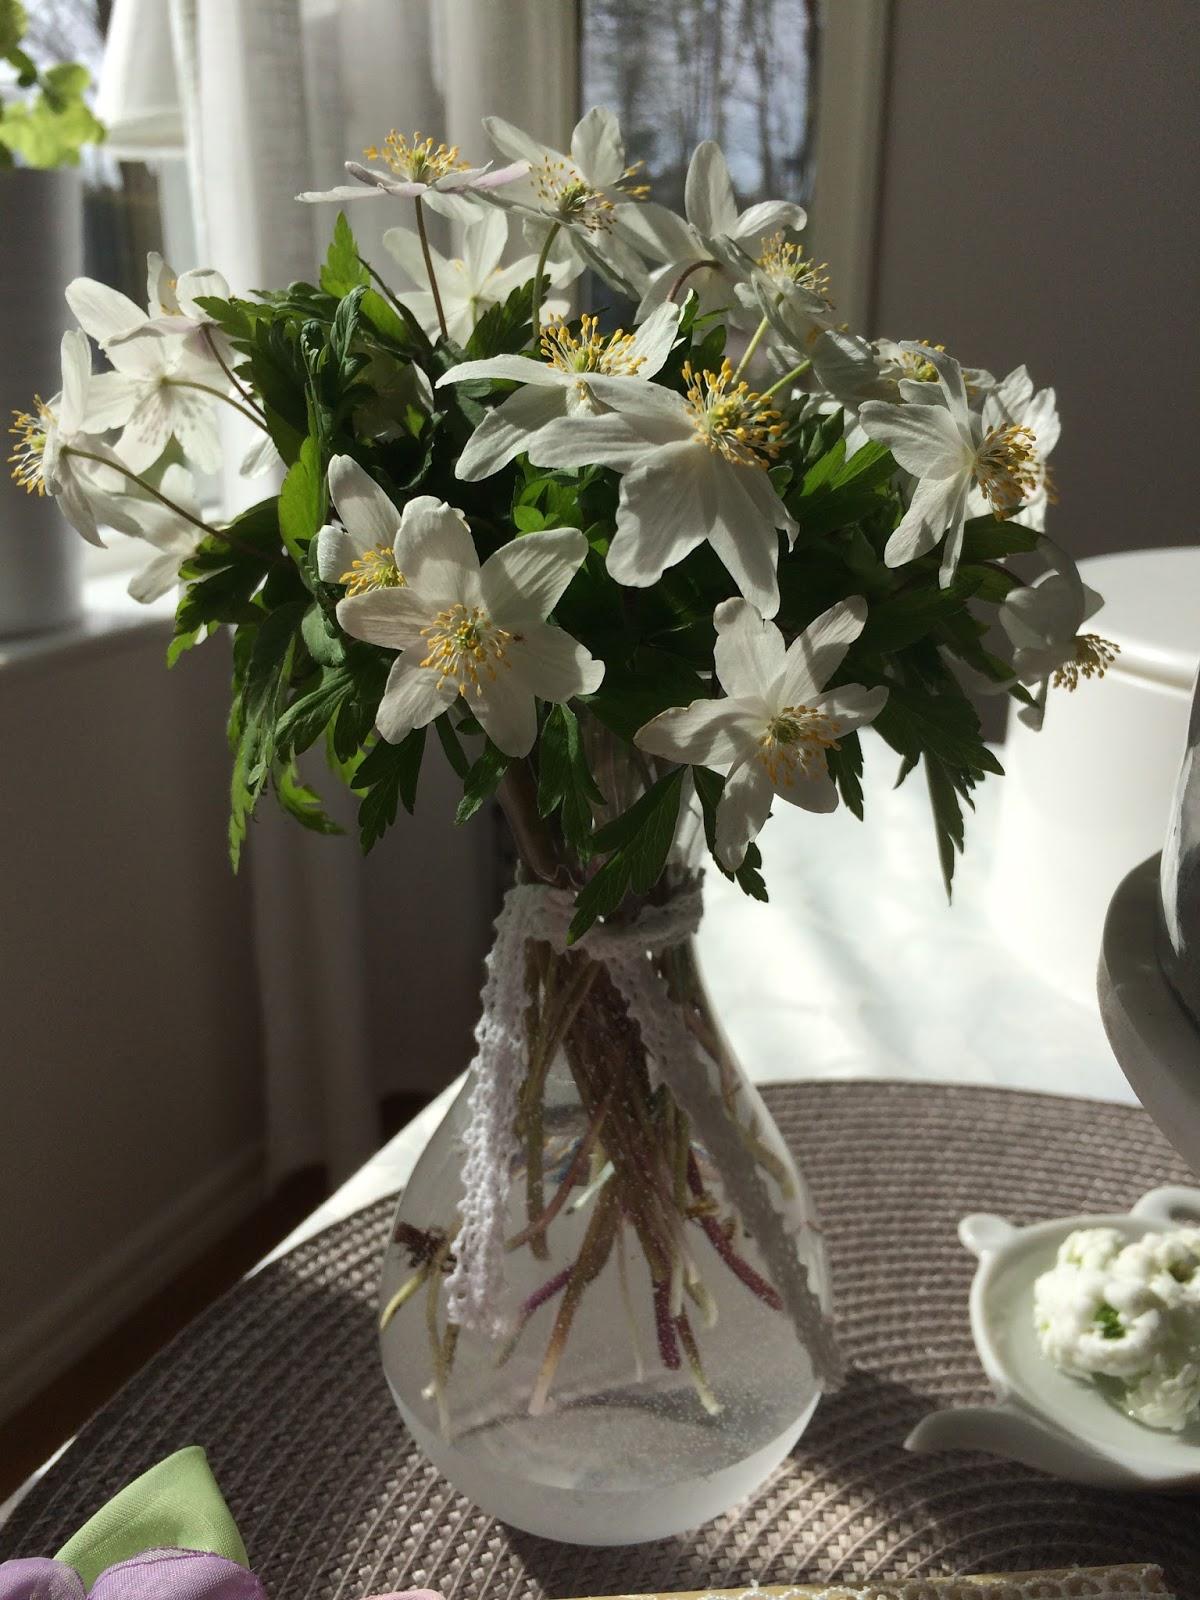 Draganasgarden: Bijele Anemone iz prirodnog rezervata - Trka ili ne pred poro...